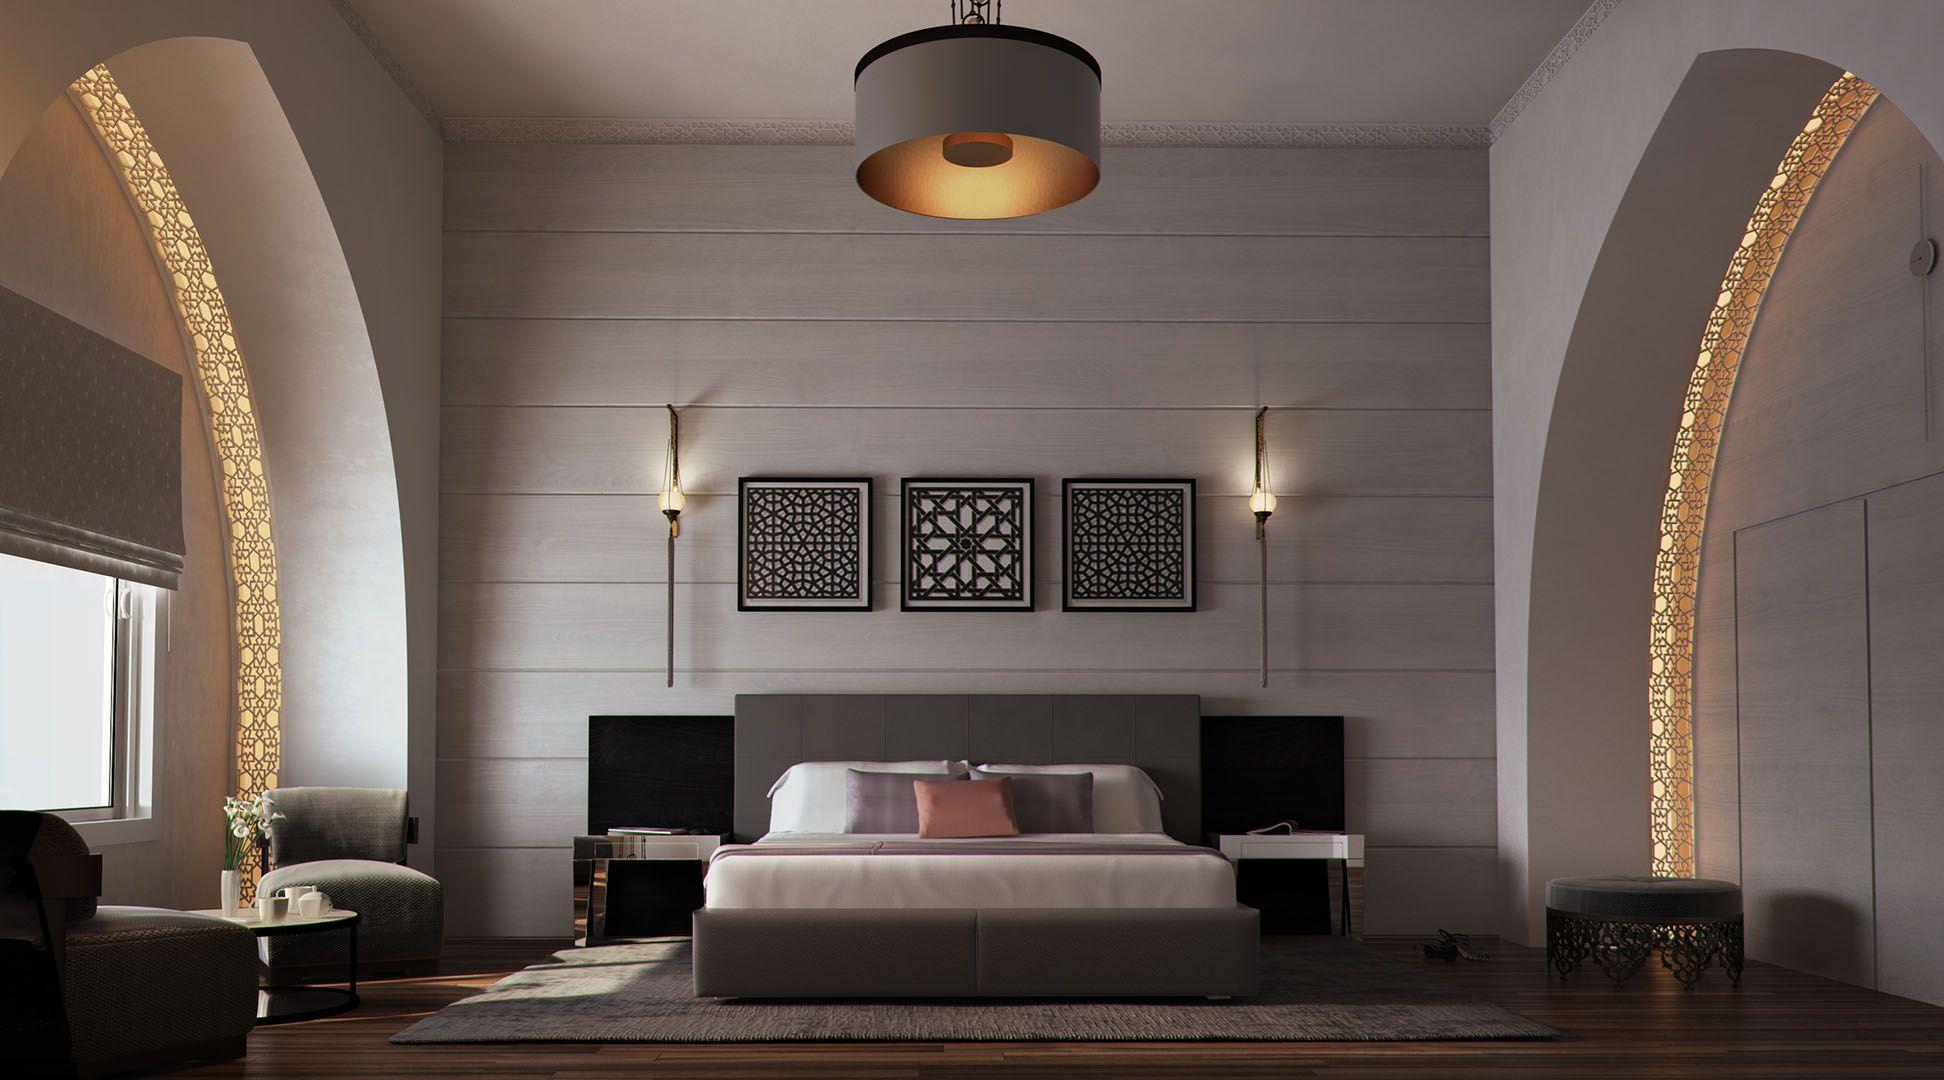 Mimar Interiors Solid Against Translucent Elements